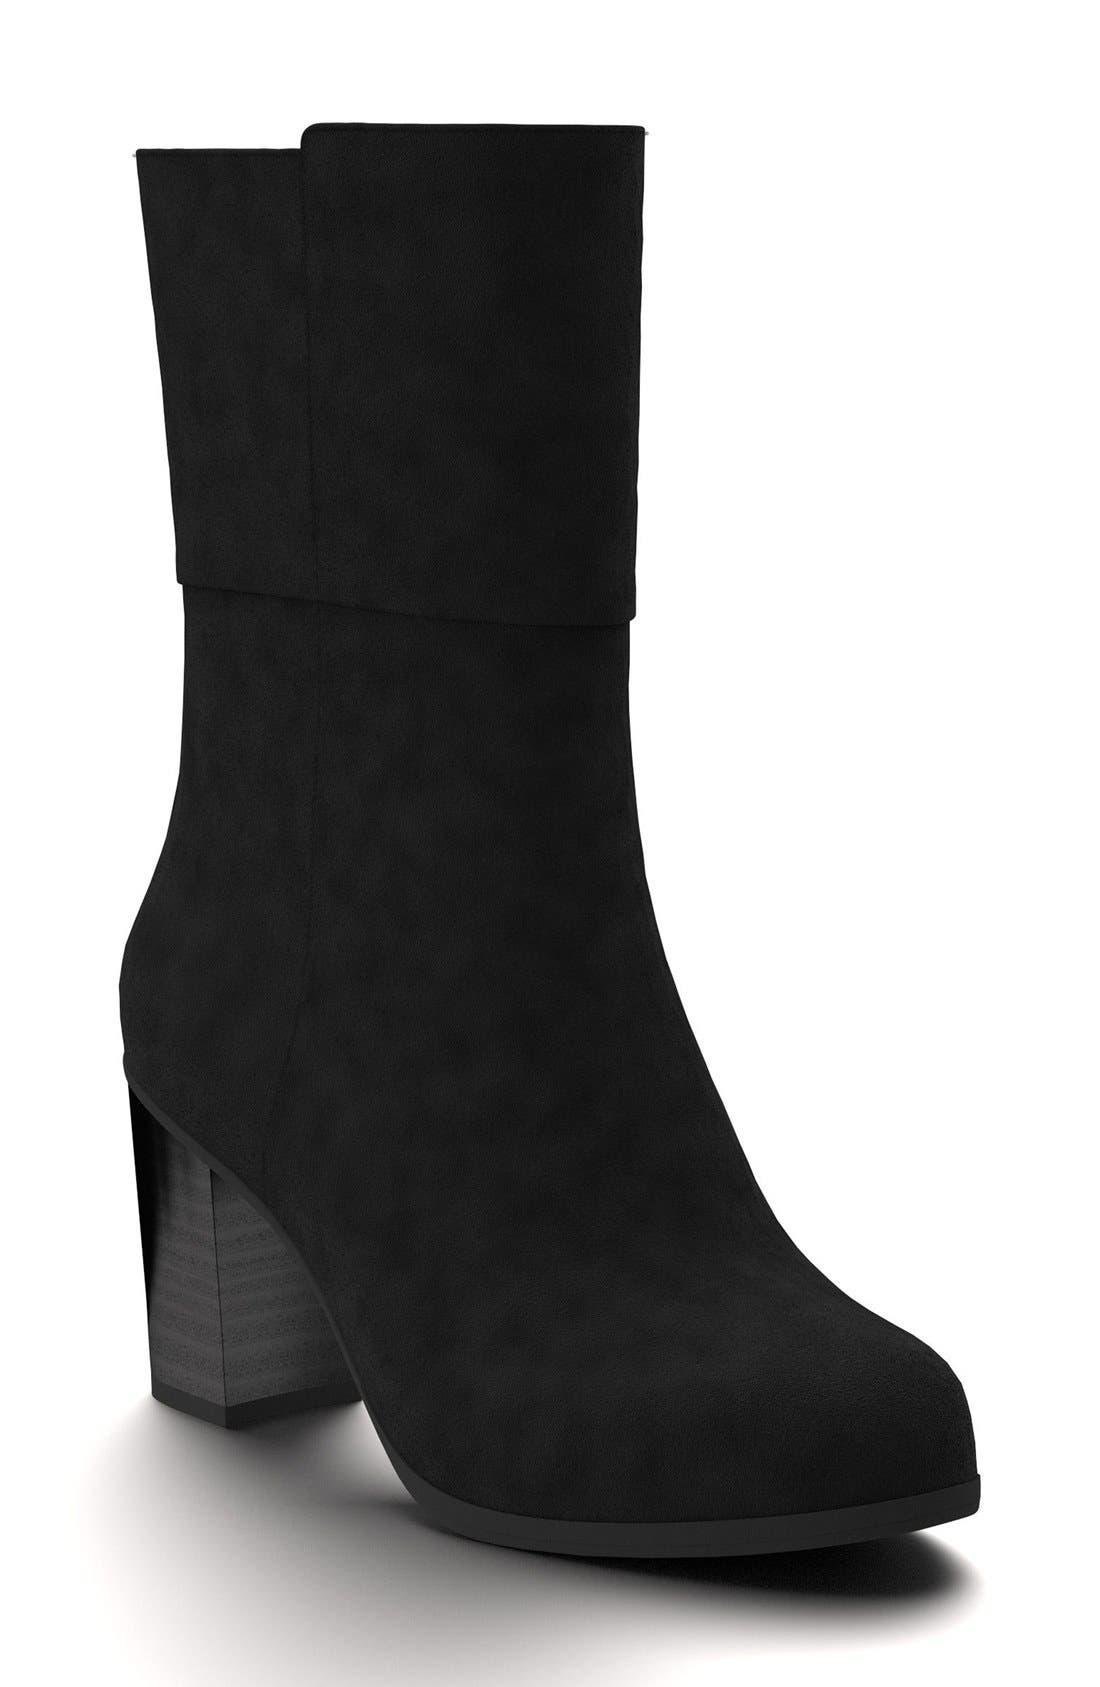 Main Image - Shoes of Prey Block Heel Boot (Women)